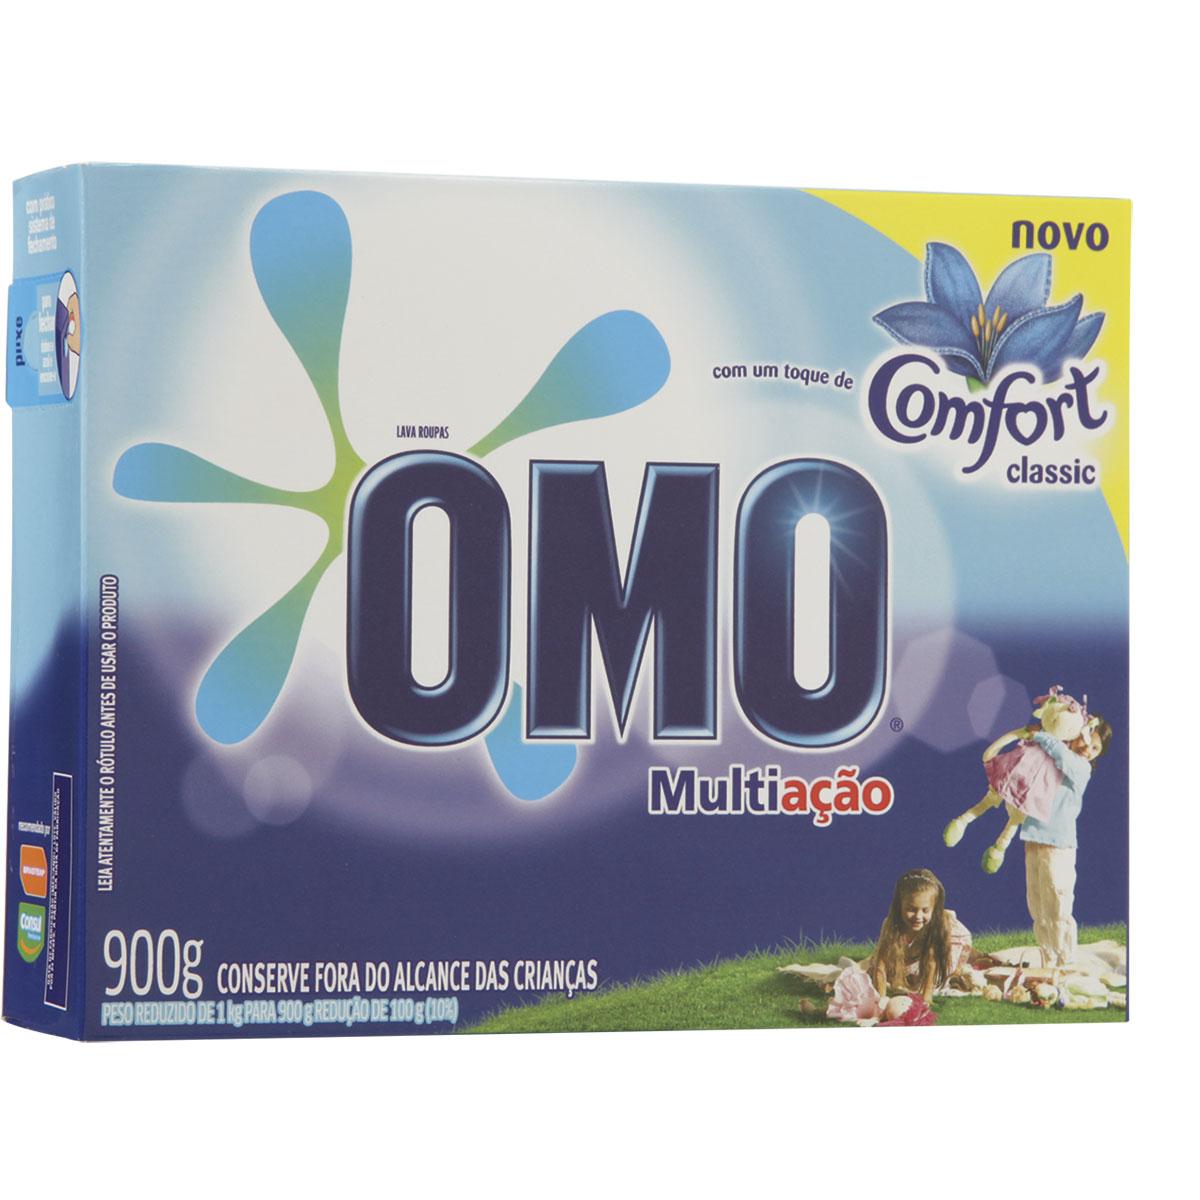 Delivery 30% Off: Sabão em Pó Omo Multi Ação com Toque de Comfort Caixa 900G -Vários tipos